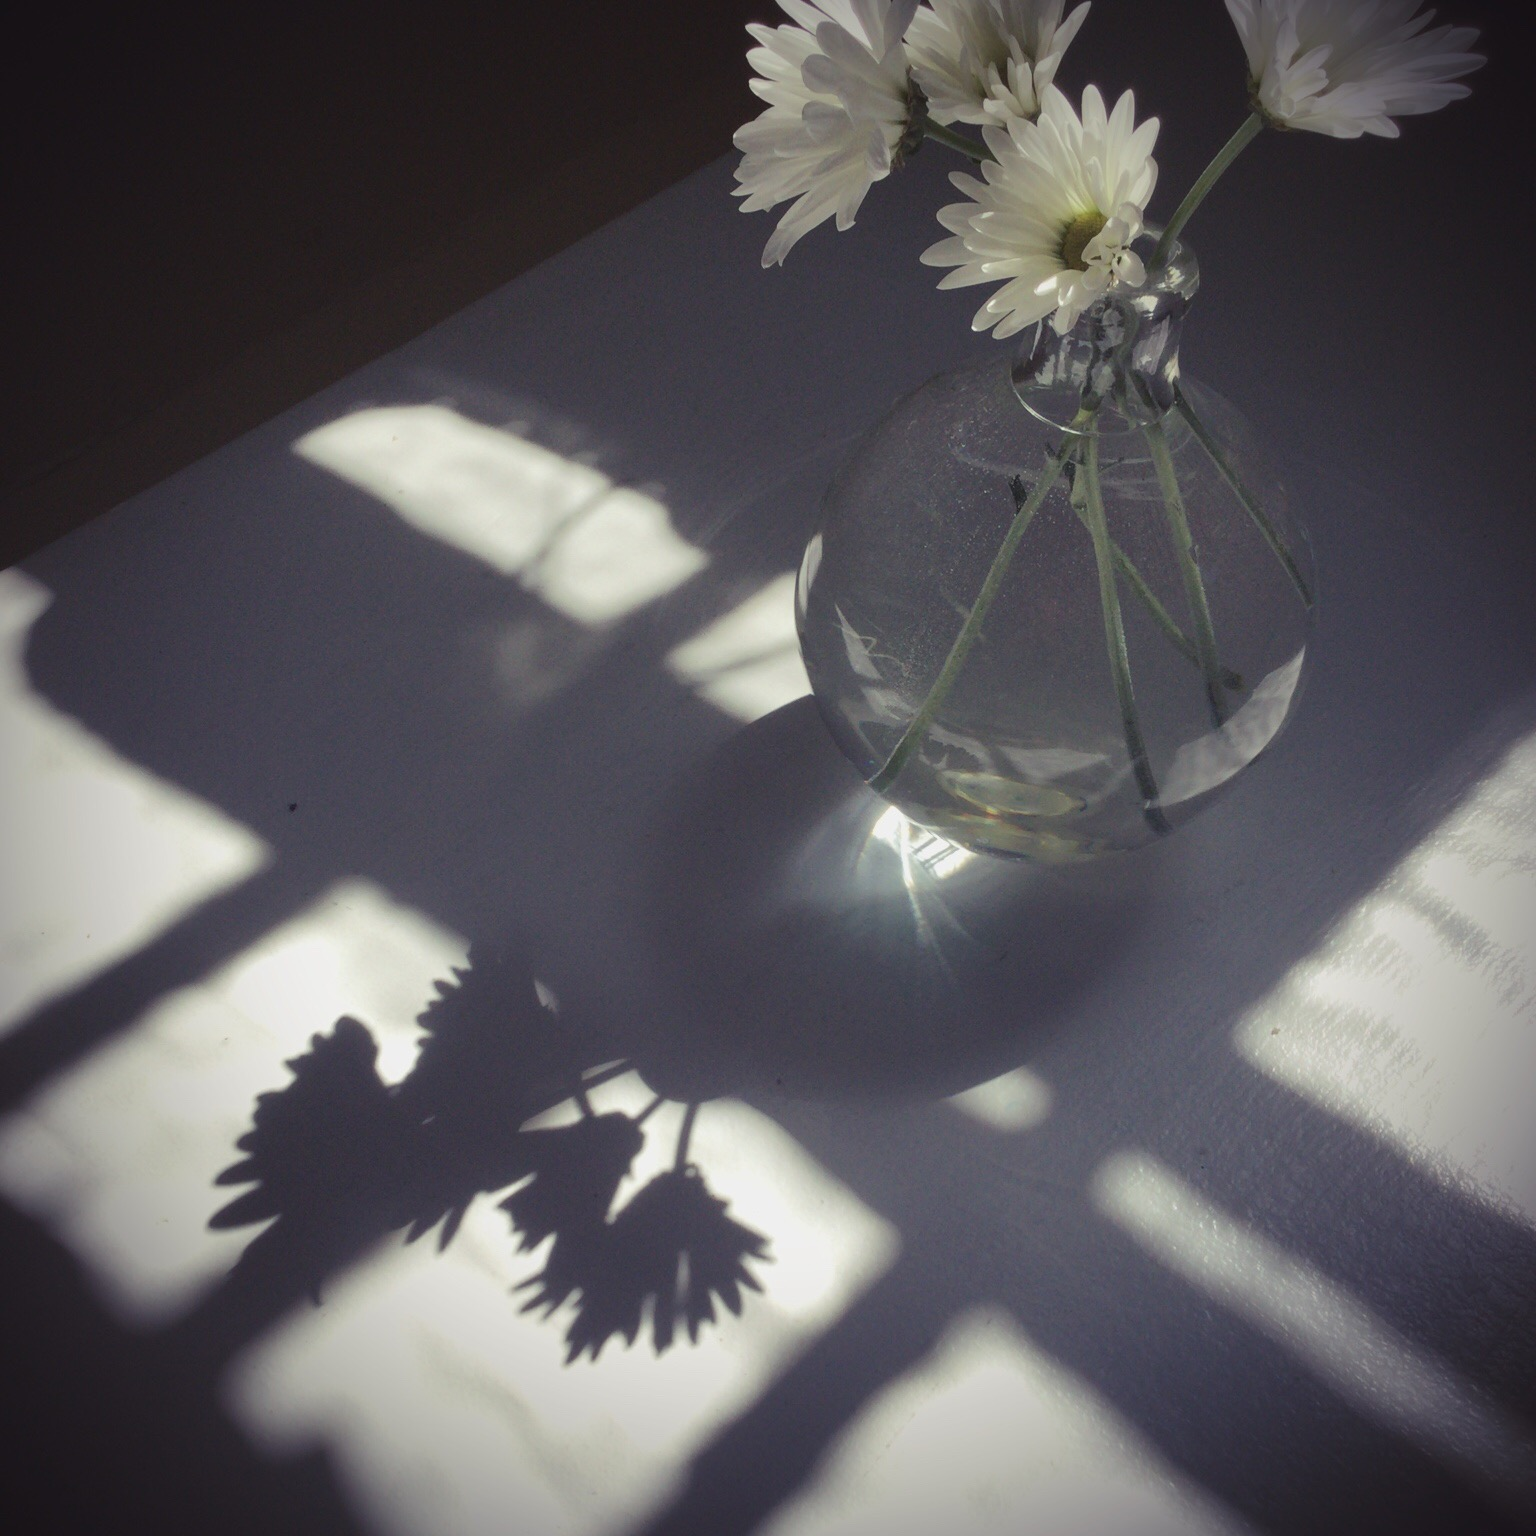 Le vase ©photo.Cleo.simplement.com